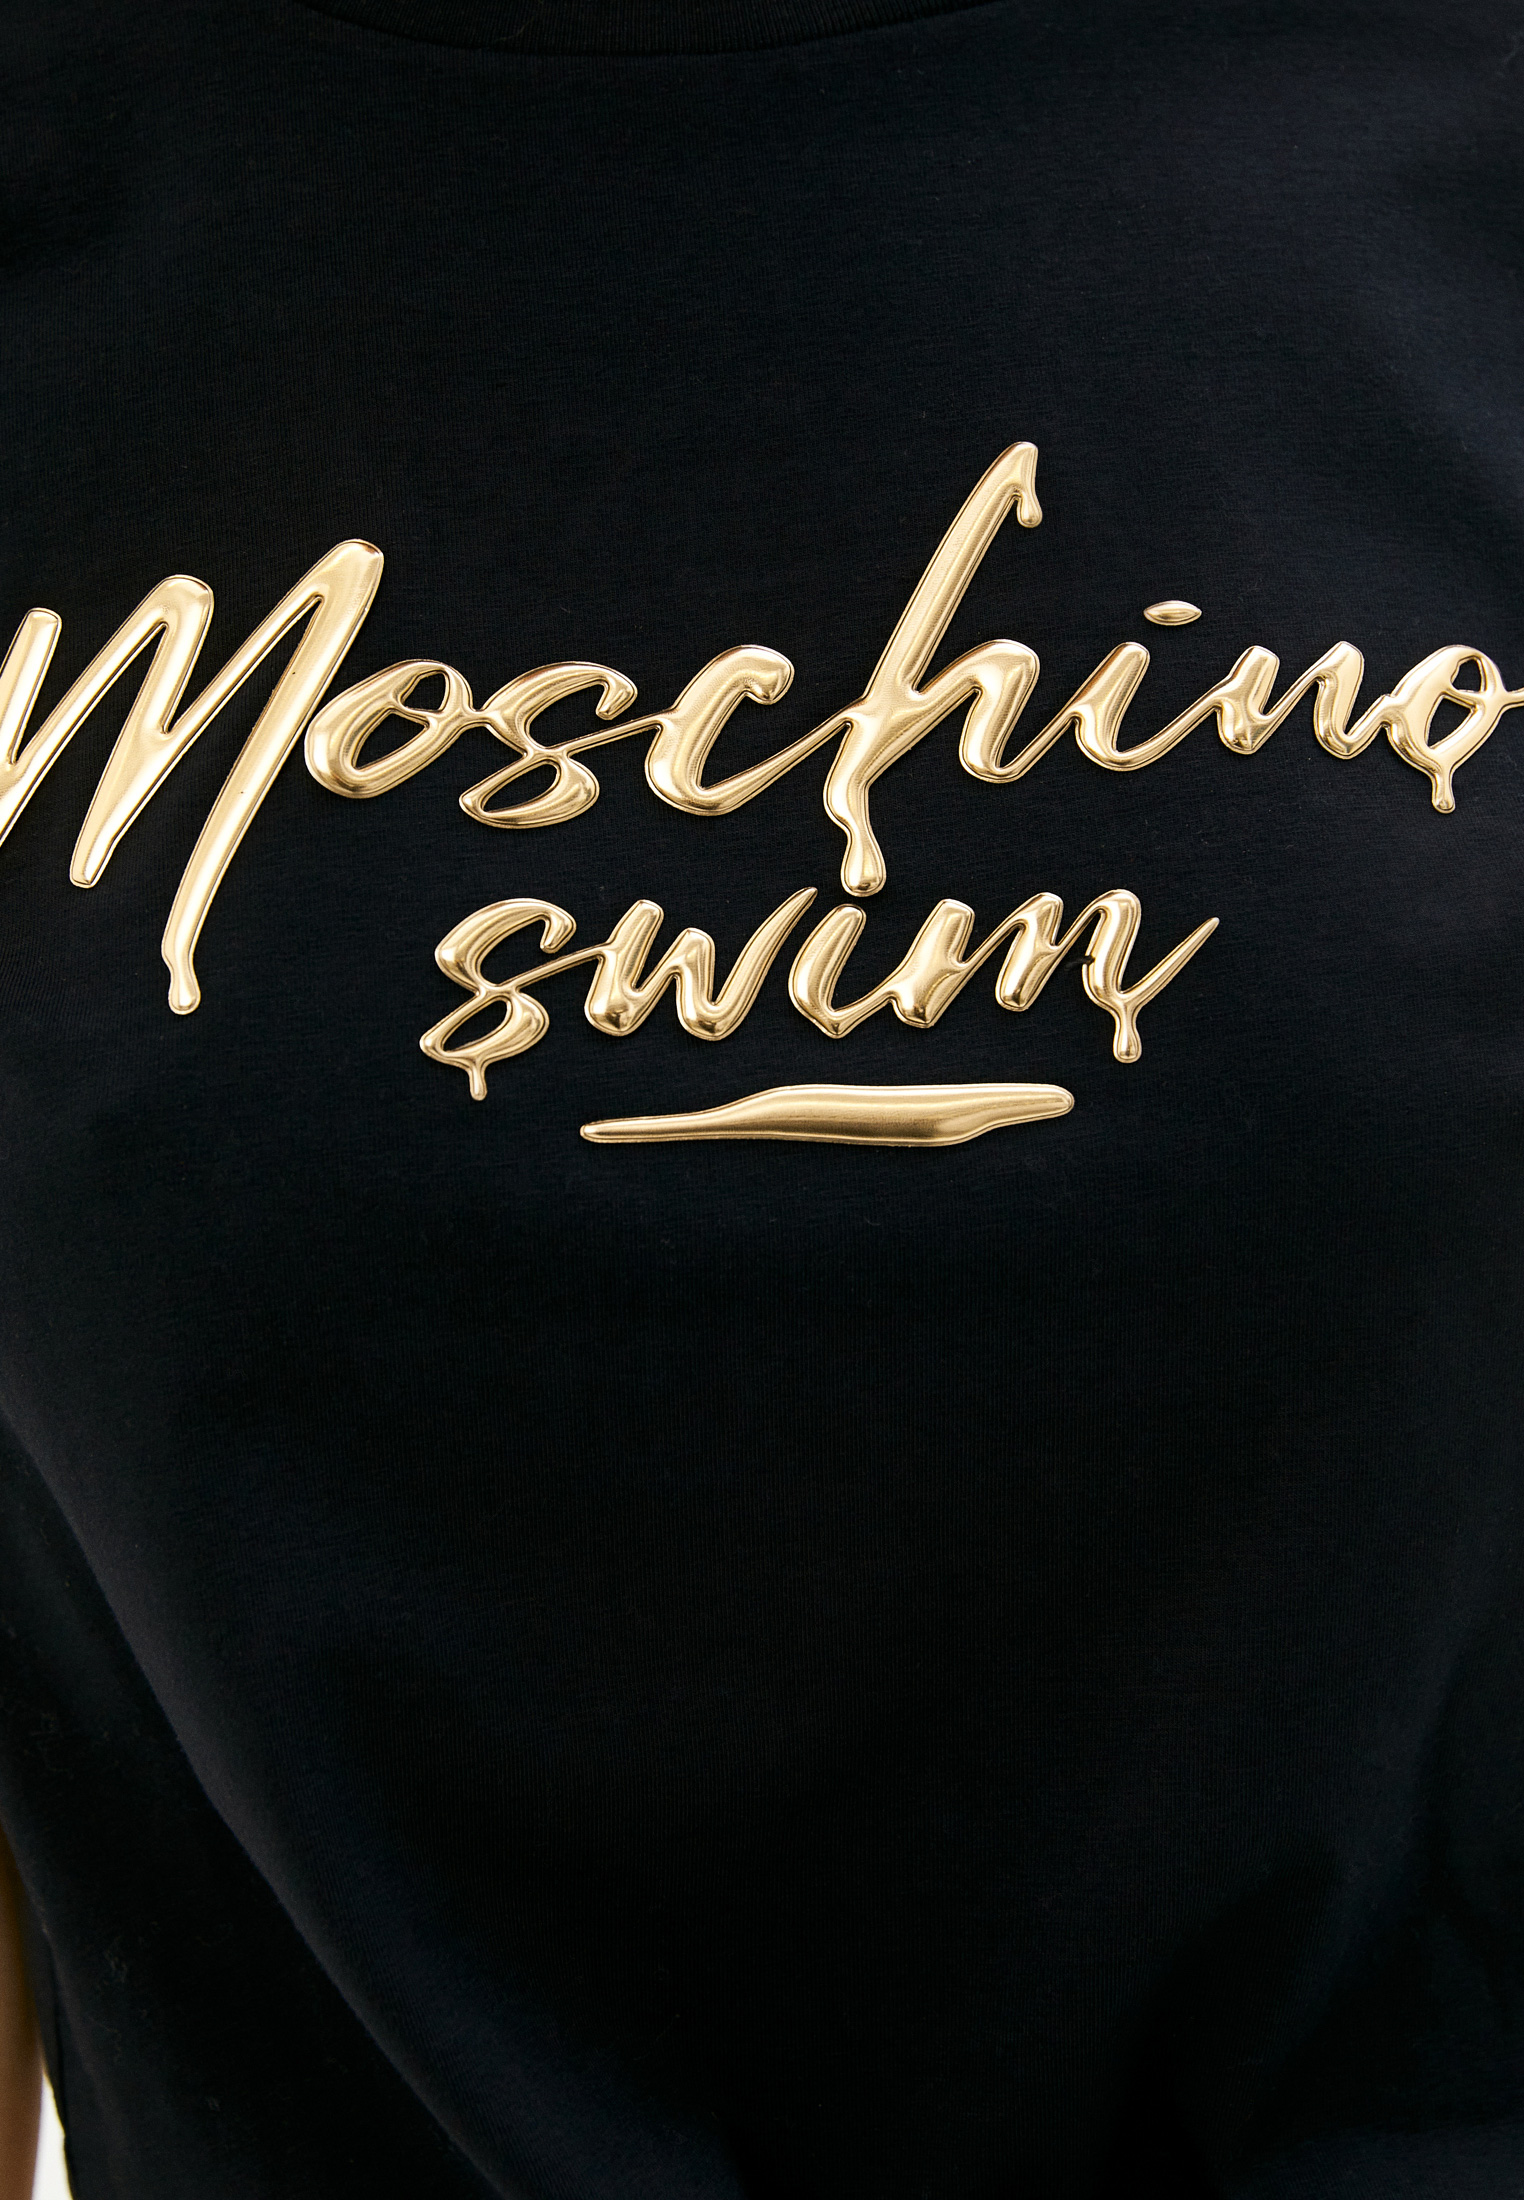 Футболка с коротким рукавом Moschino swim 1910 2125: изображение 5